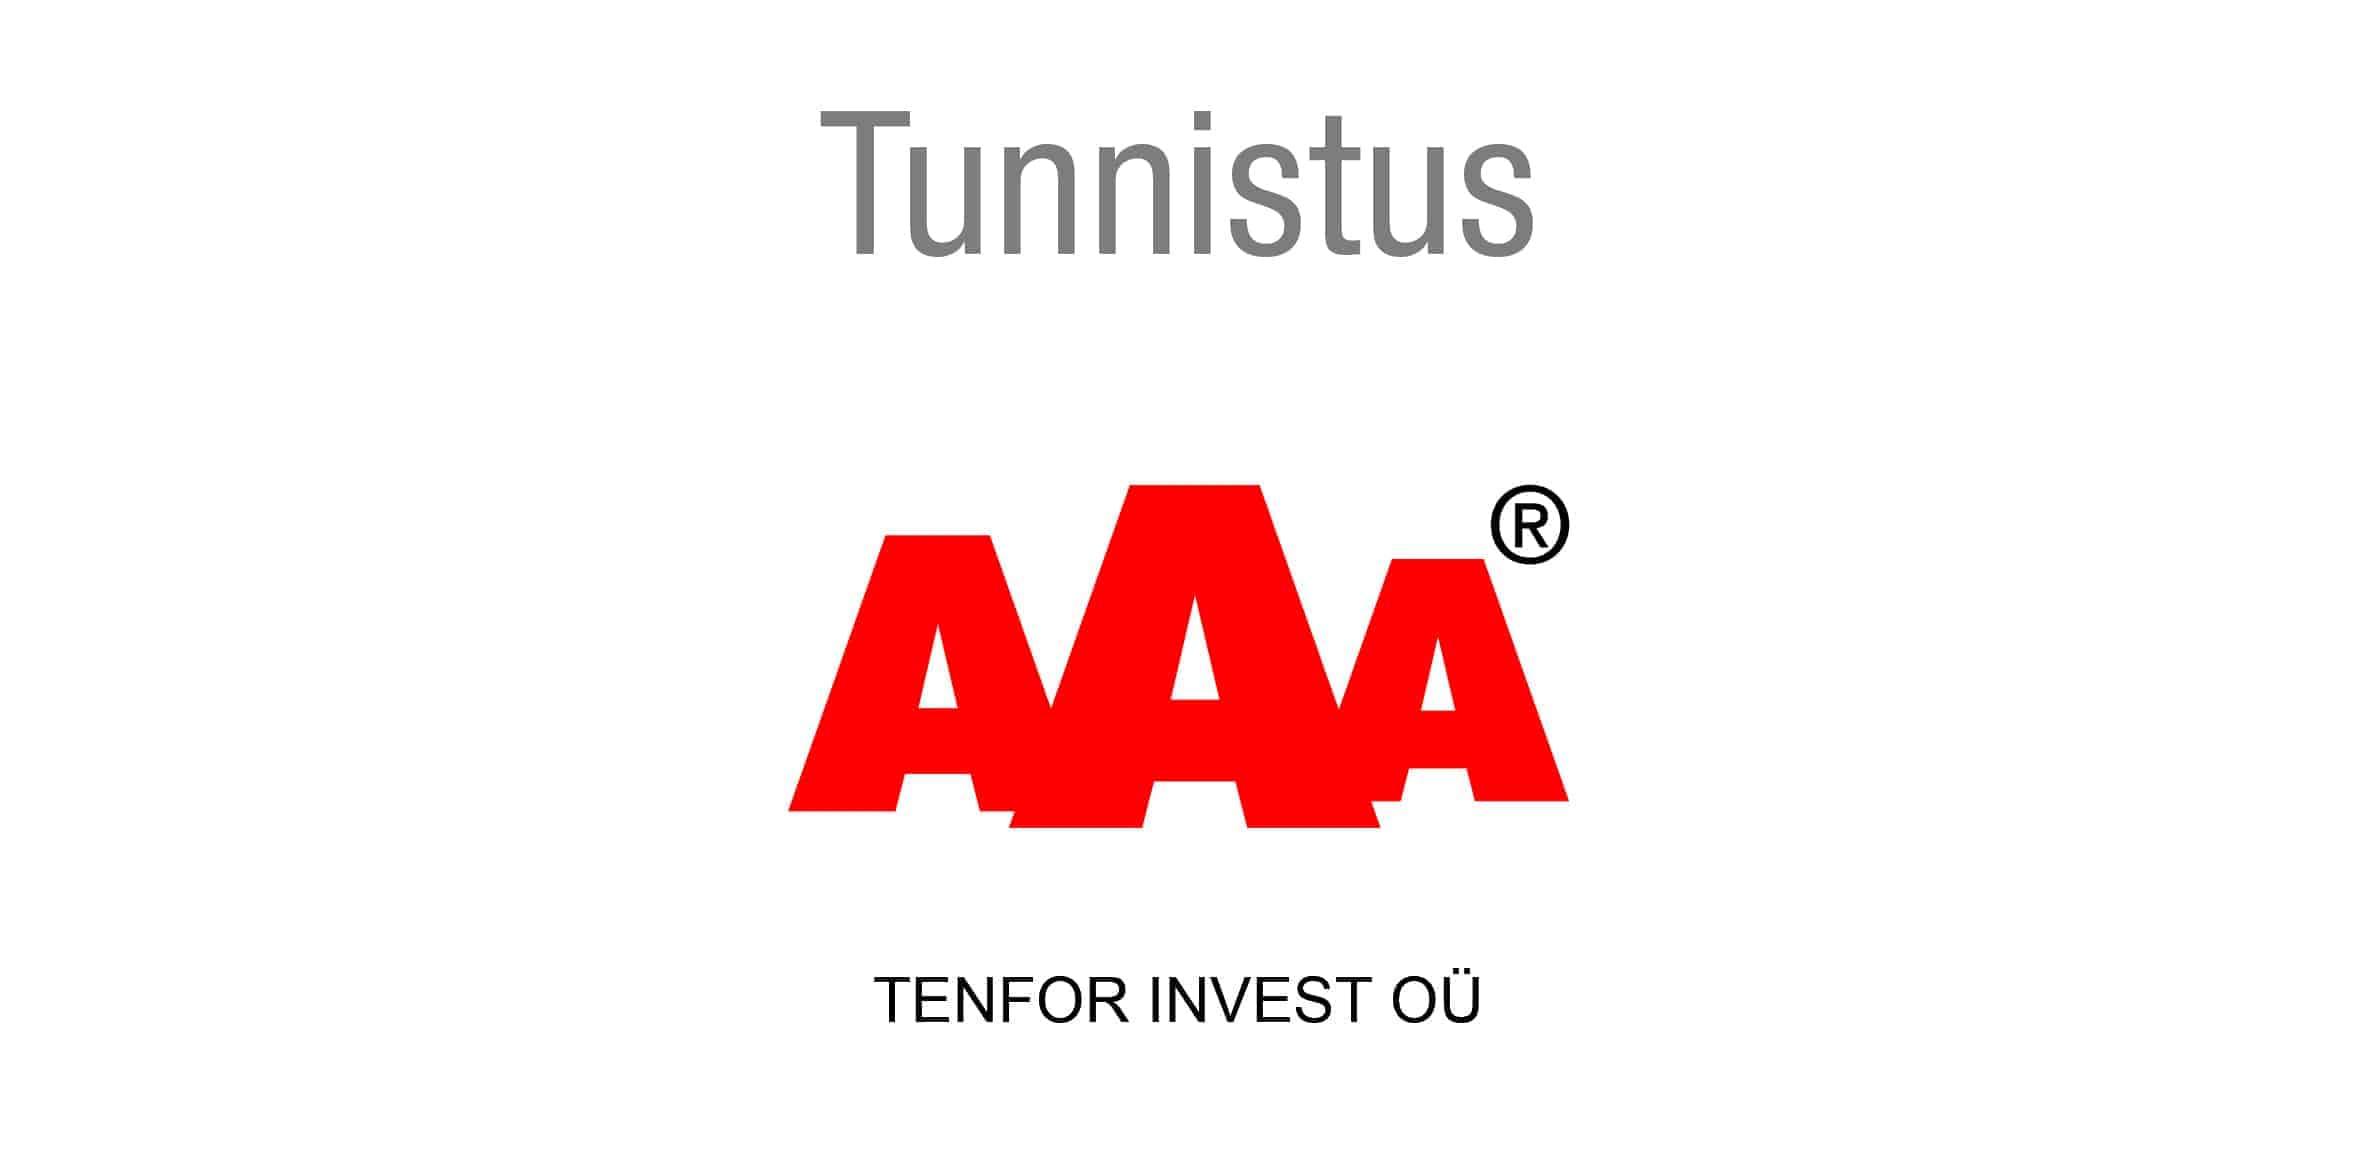 AAA tunustus - Tenfor Invest OÜ